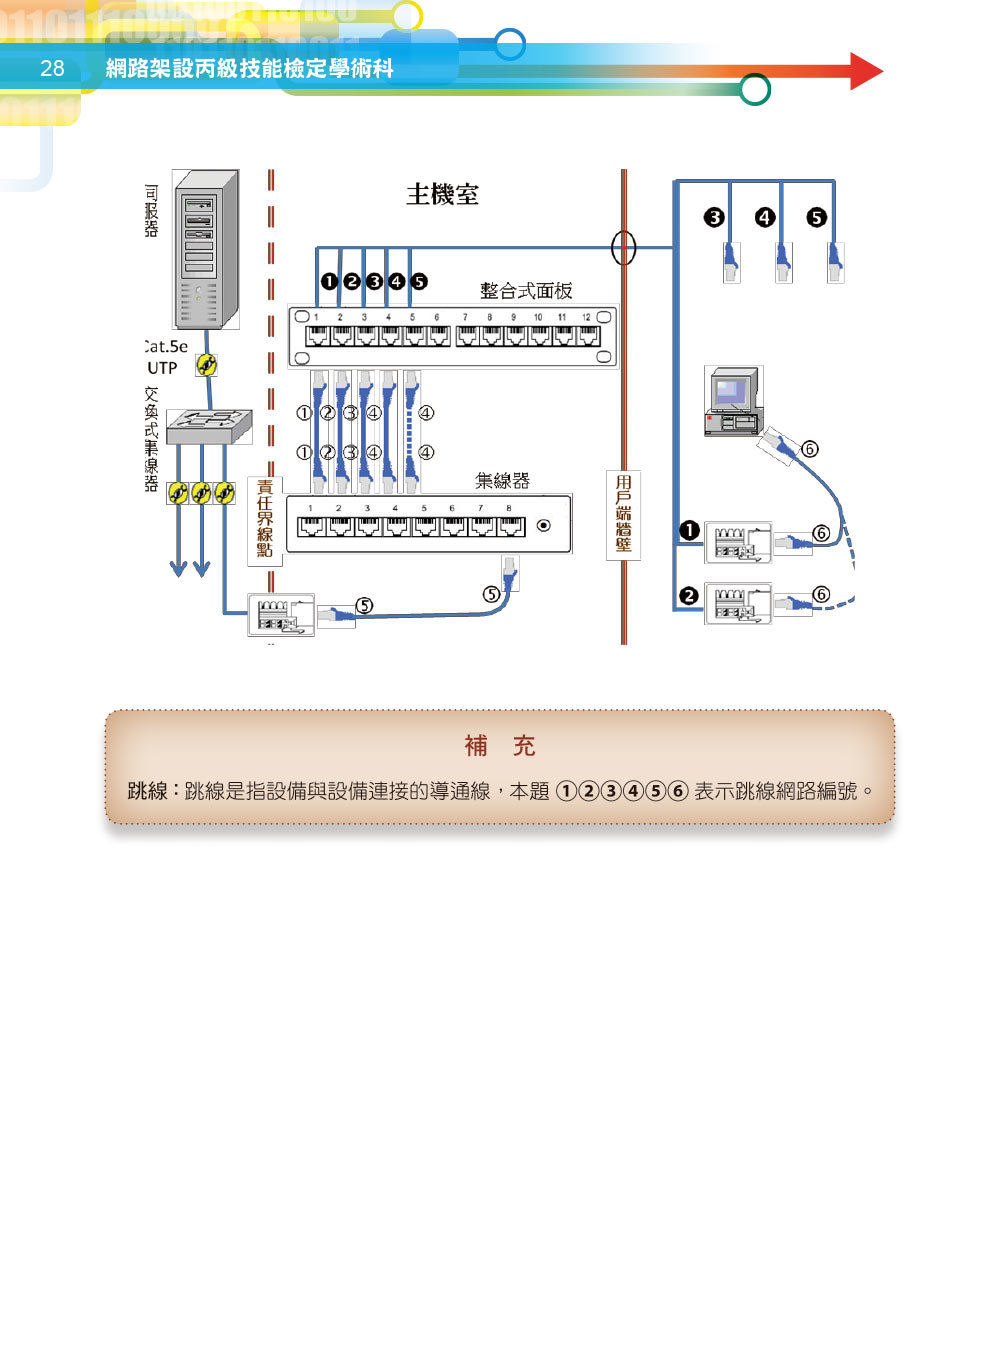 網路架設丙級技能檢定學術科 2021版-preview-7